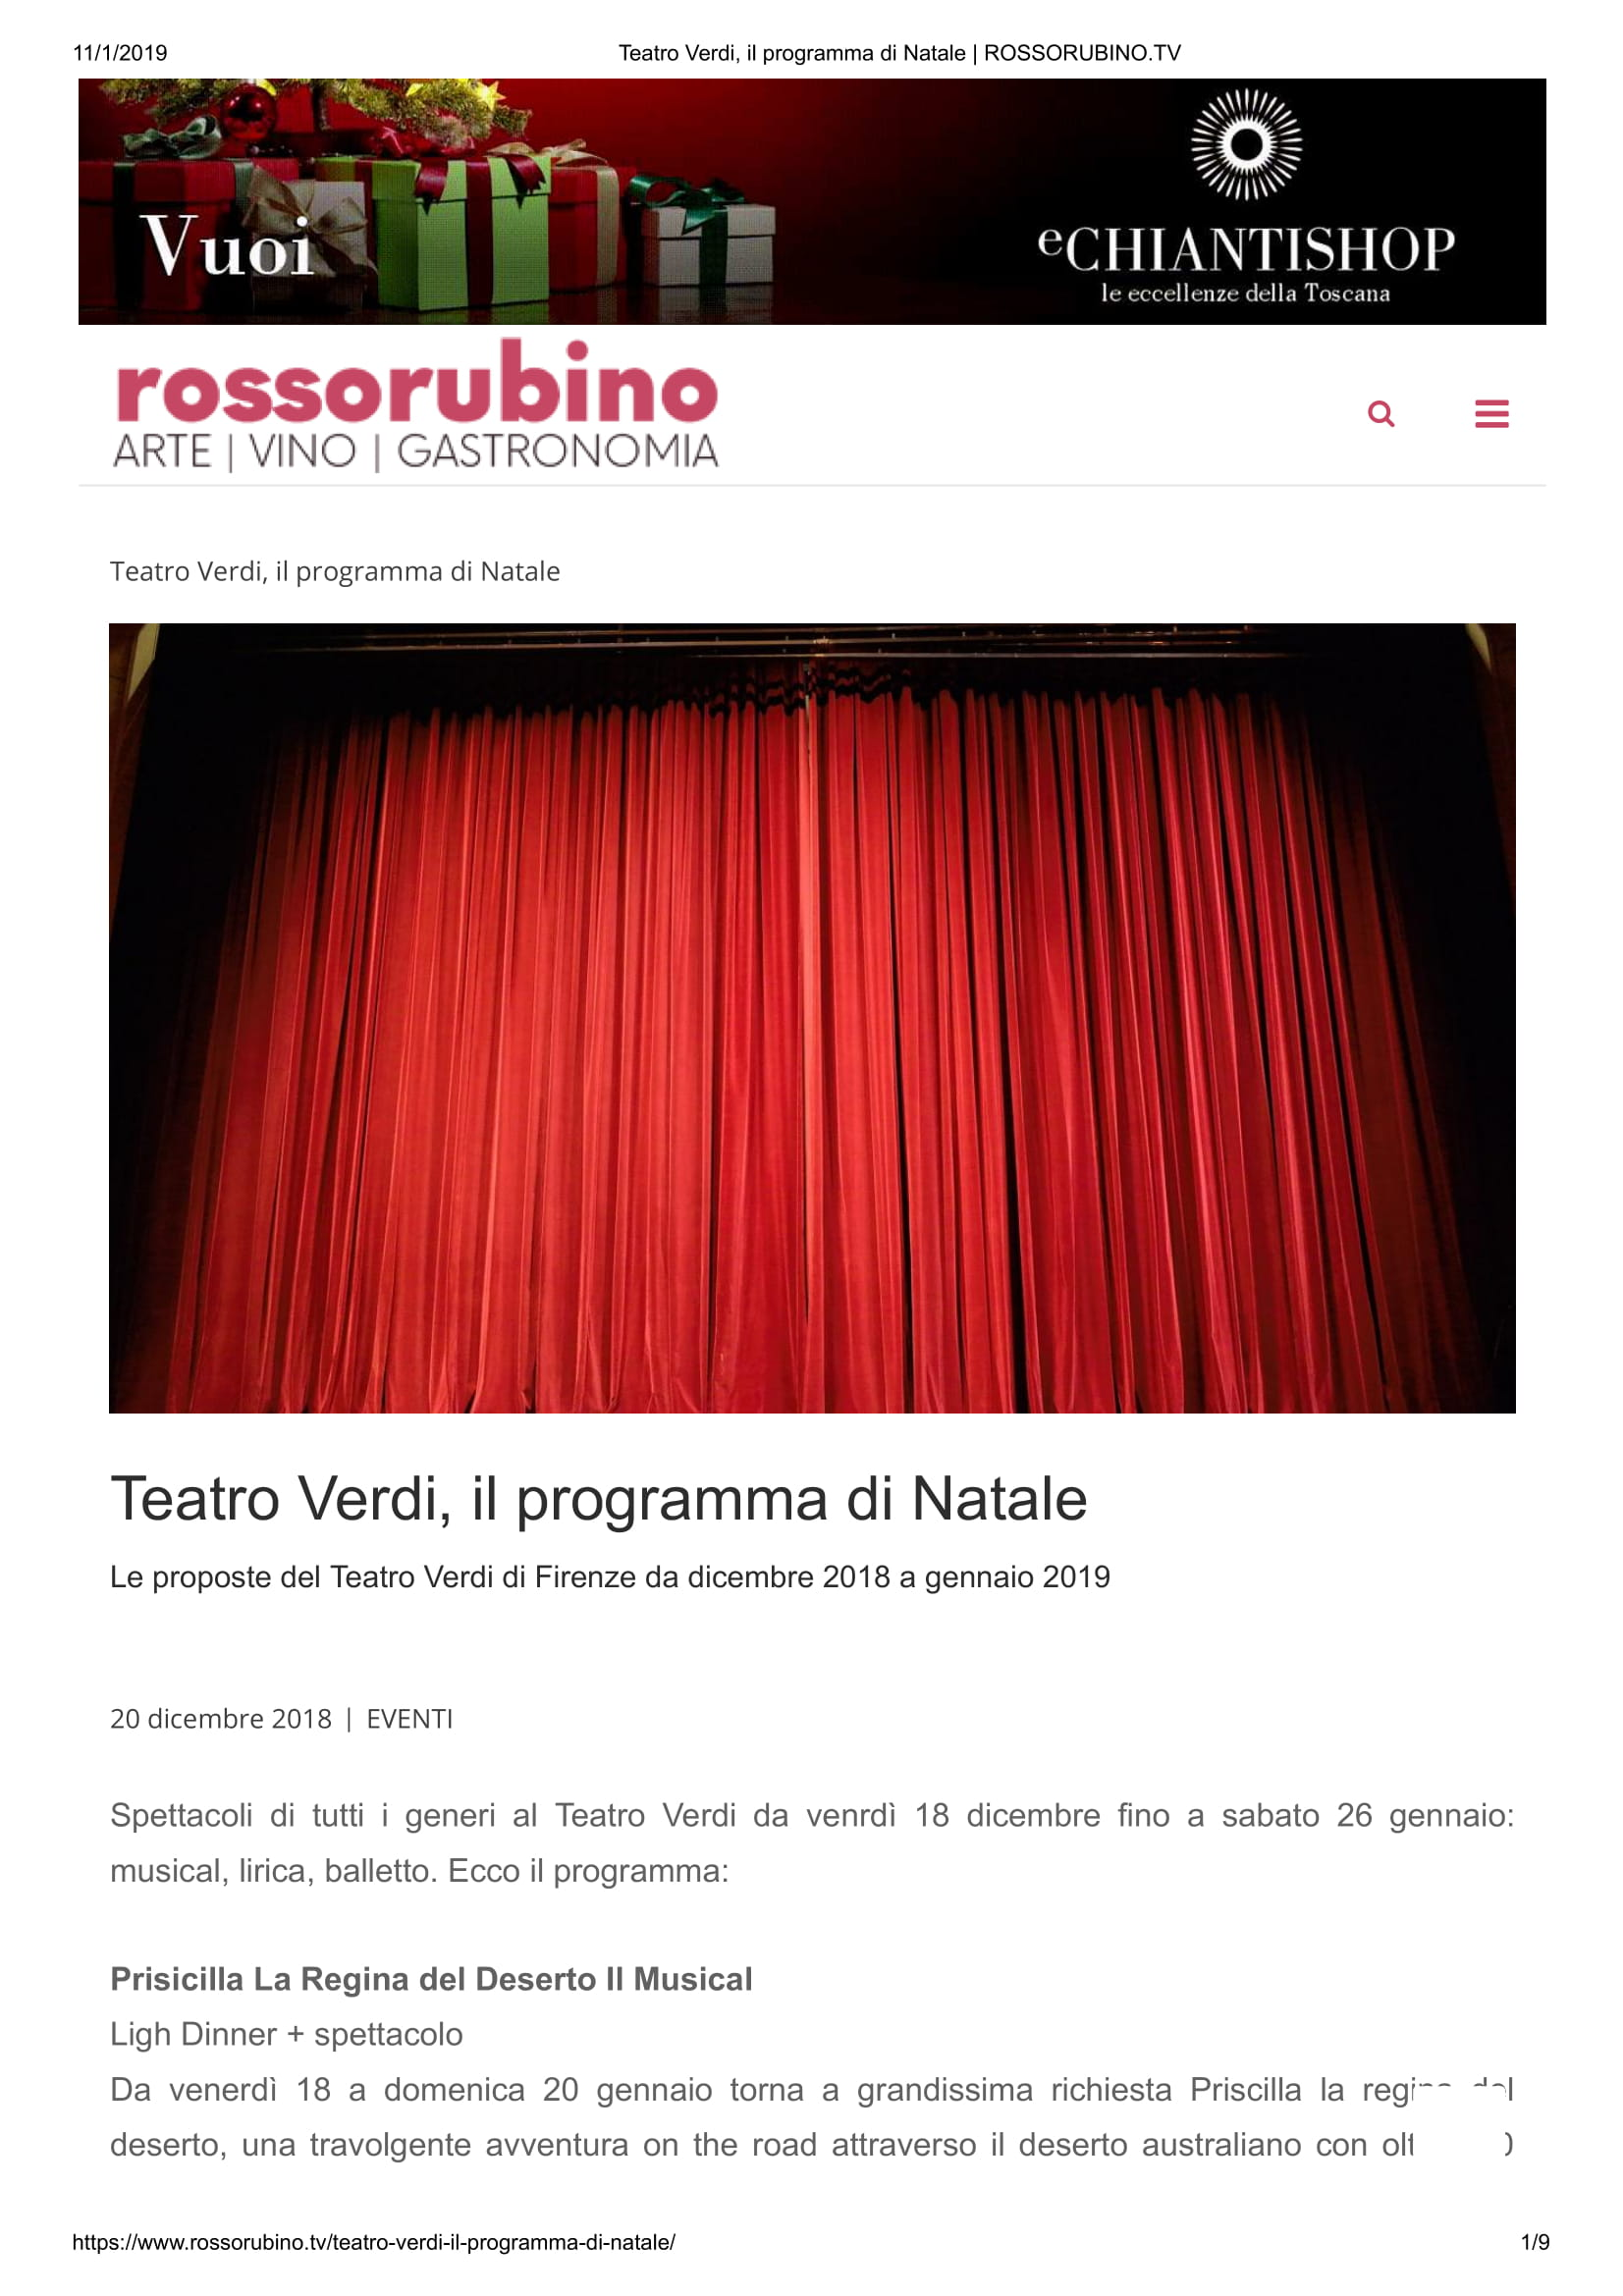 Teatro Verdi, il programma di Natale _ ROSSORUBINO.TV-1